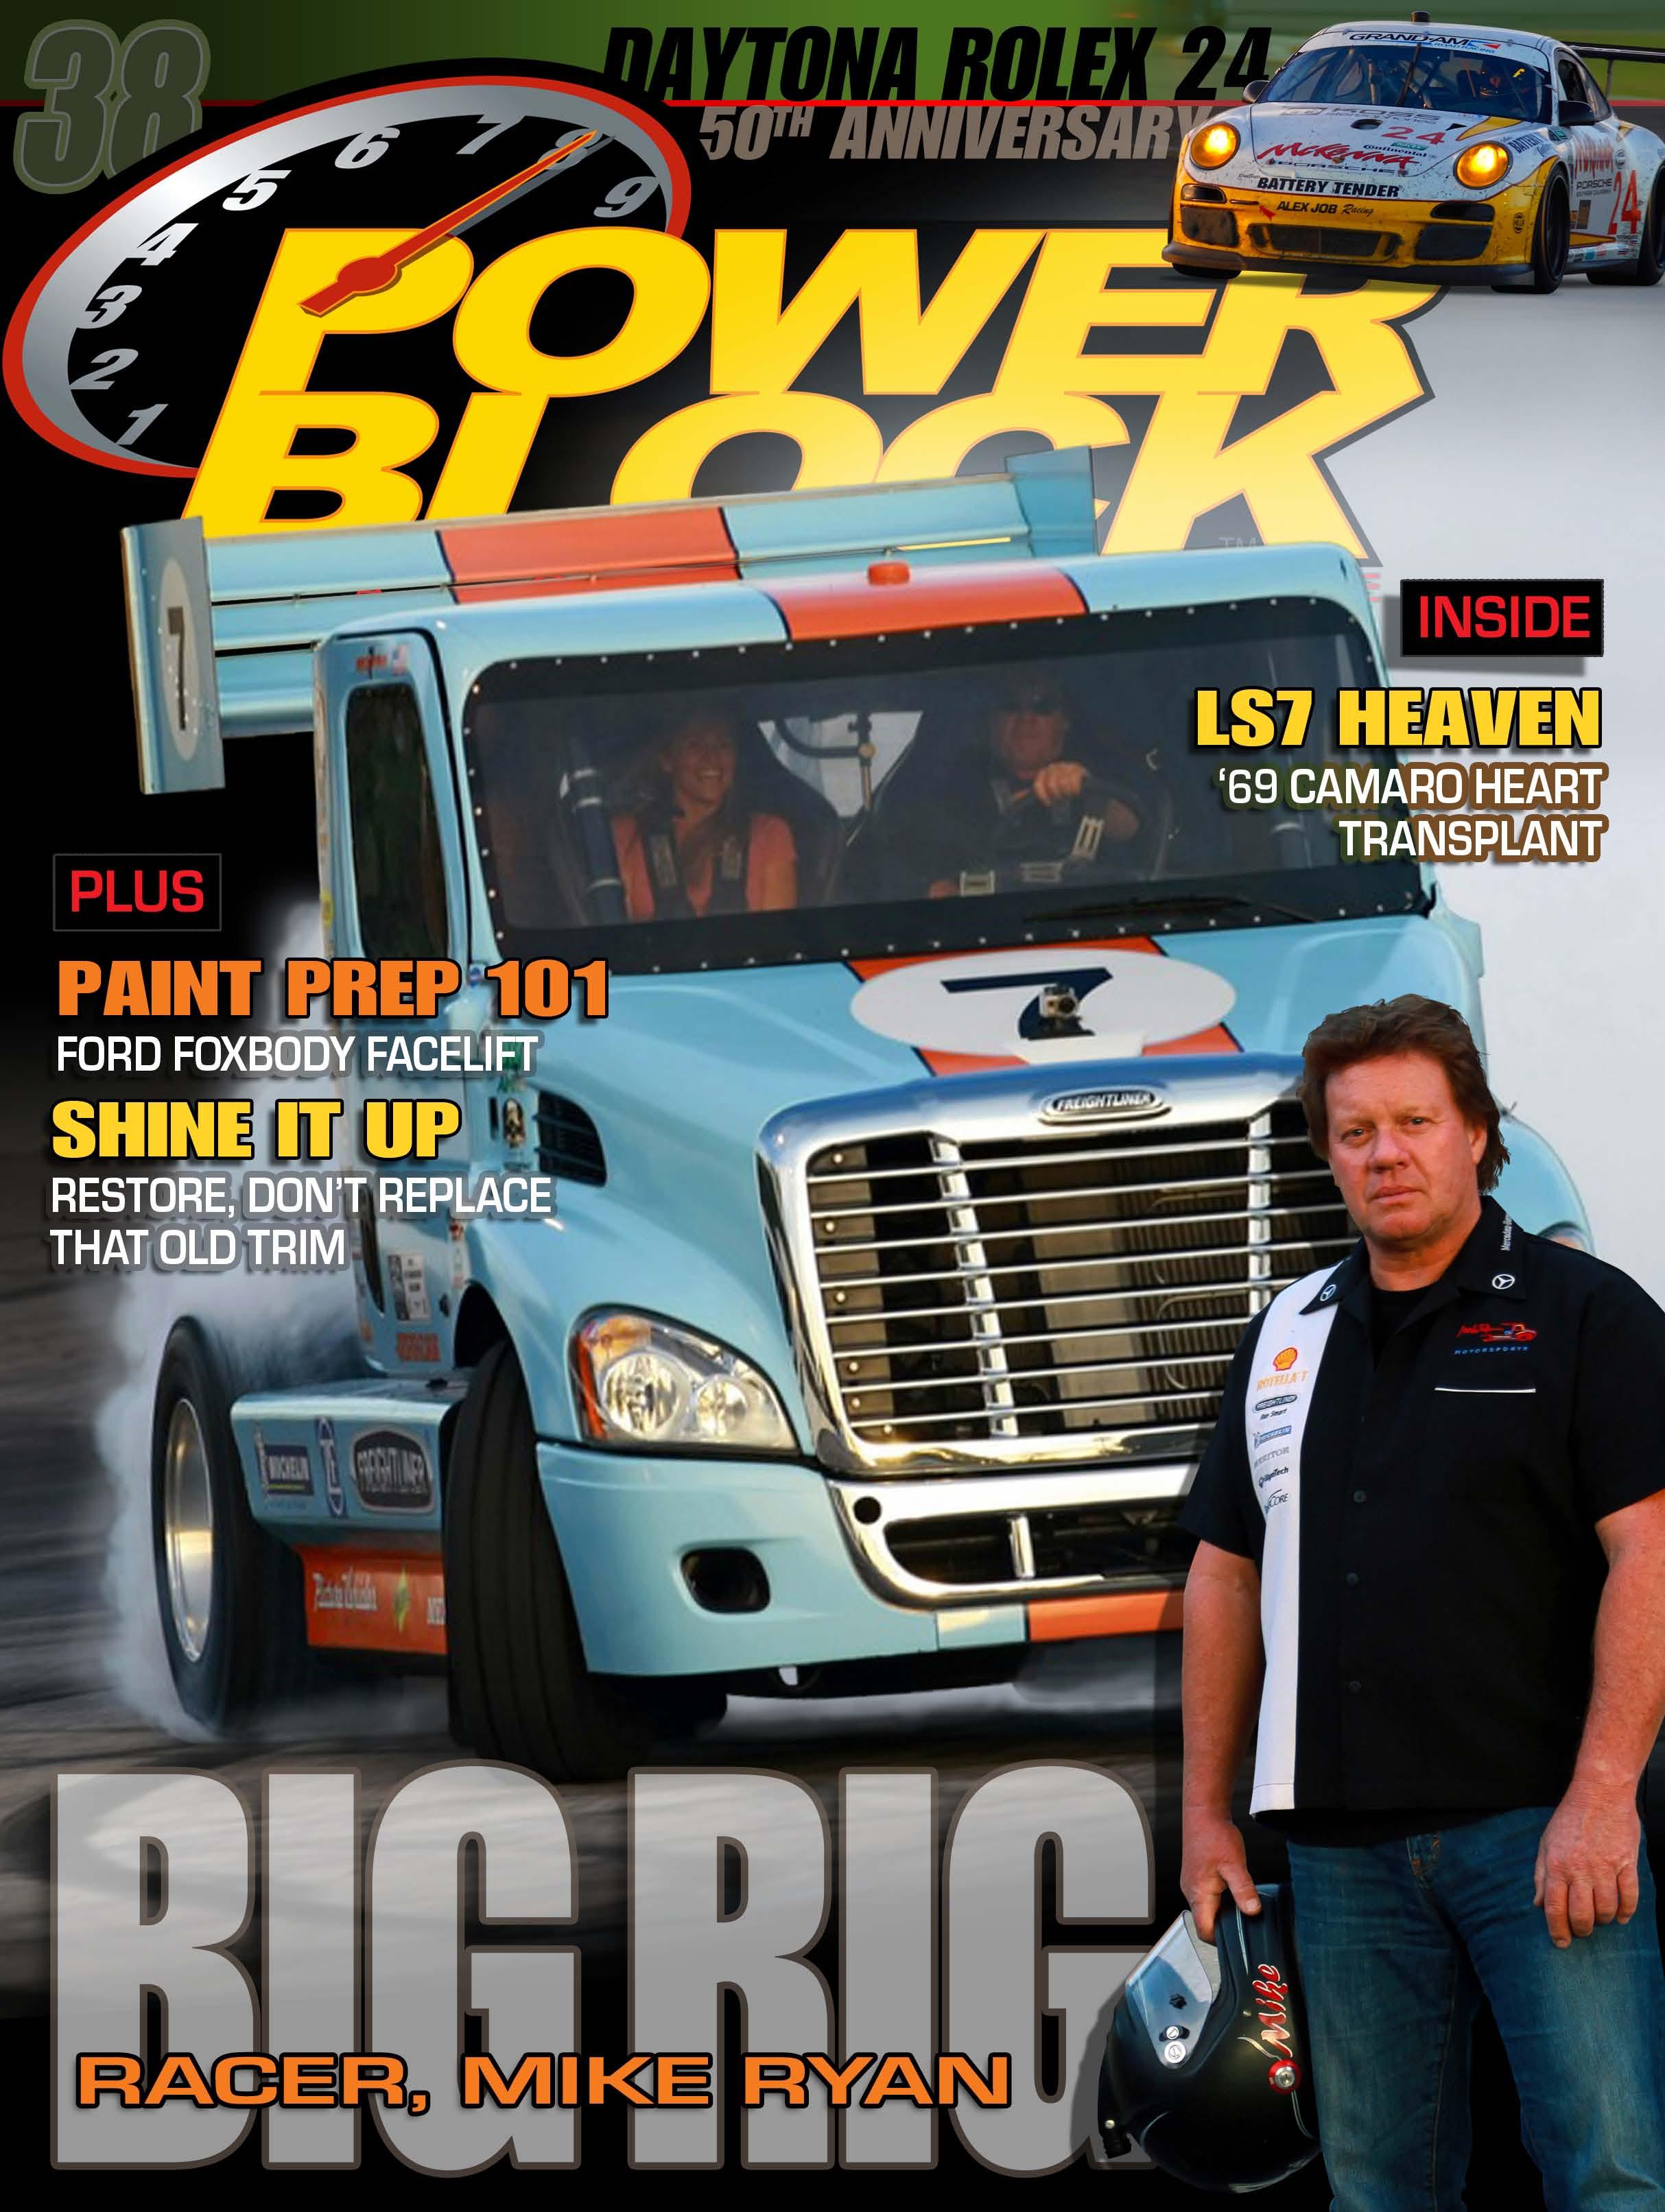 powerblockmagazine_issue38_rolex24_Page_01.jpg